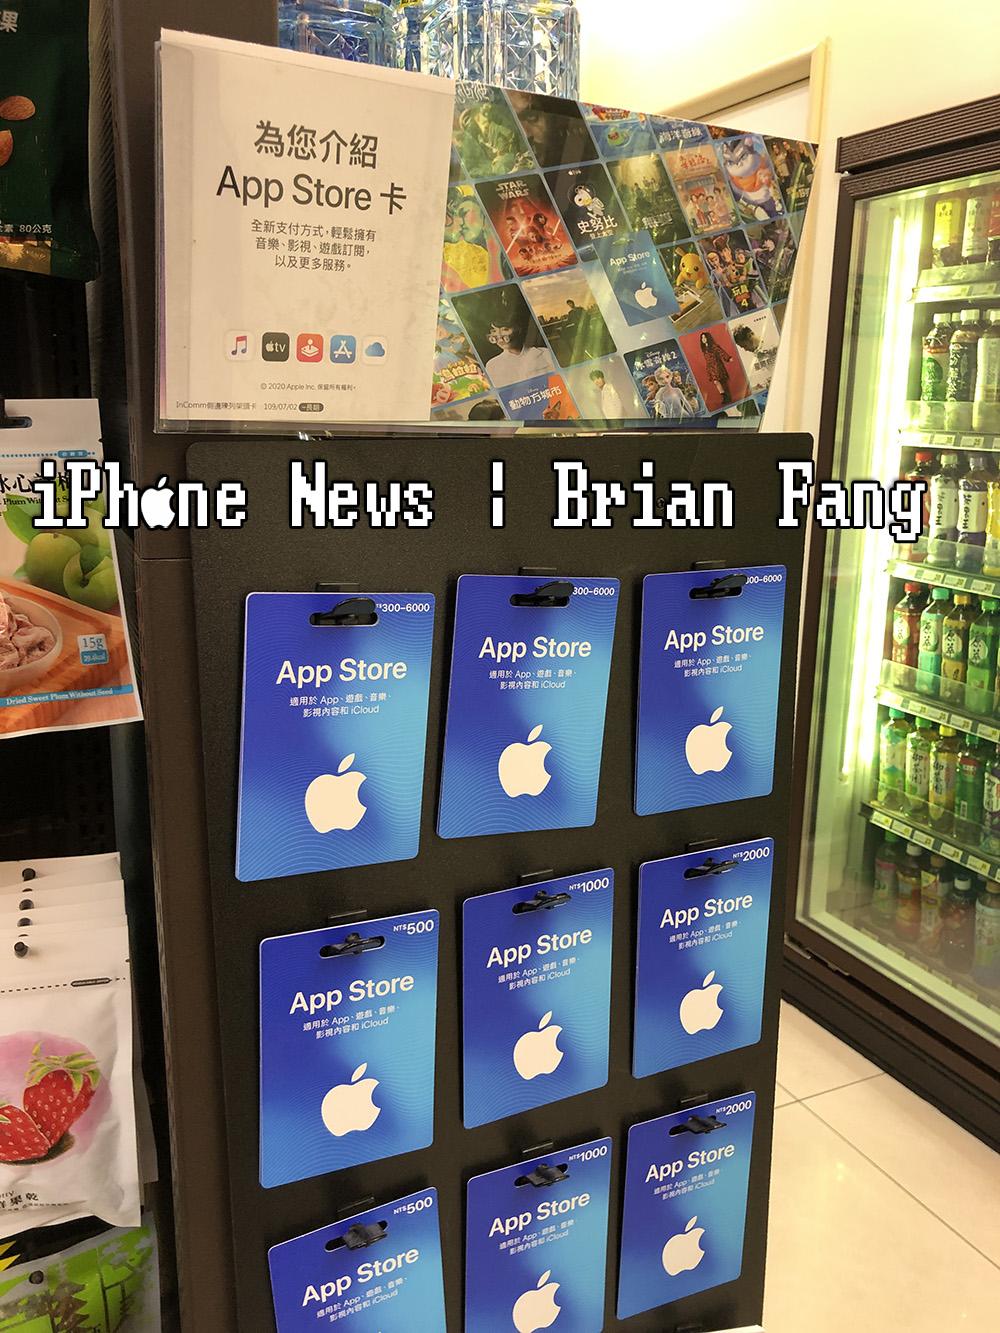 台灣超商開賣 App Store 禮品卡!那些族群需要購買?